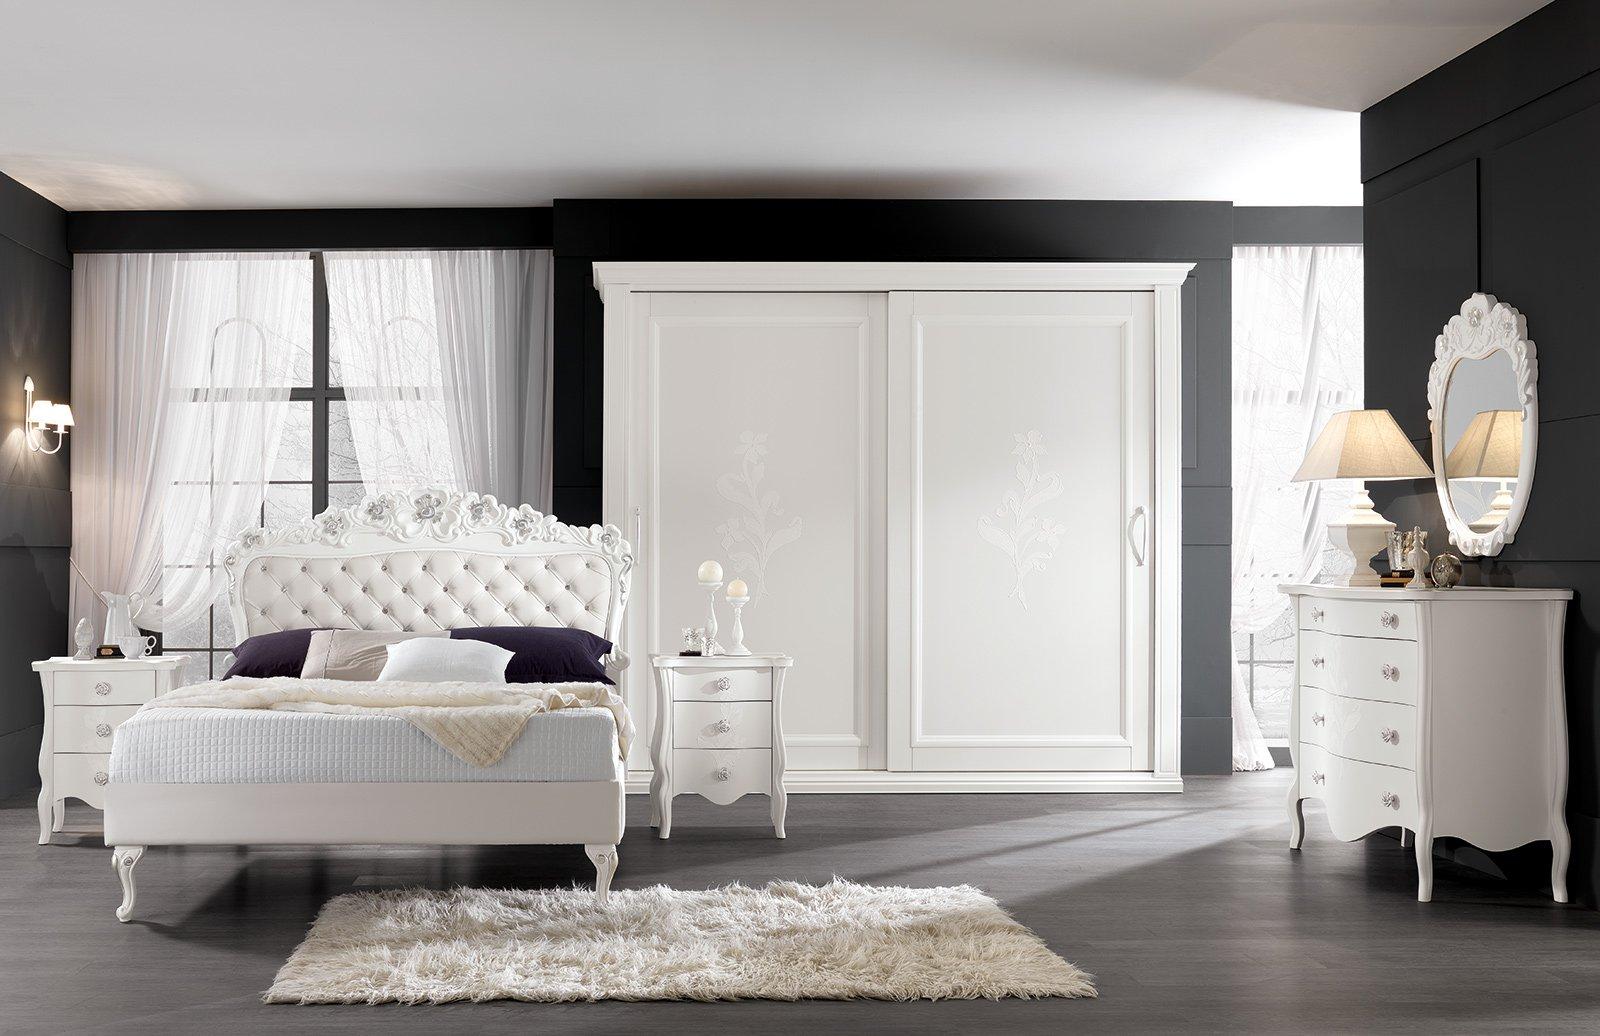 Letti imbottiti capitonn in versione classica cose di casa - Letto in legno bianco ...